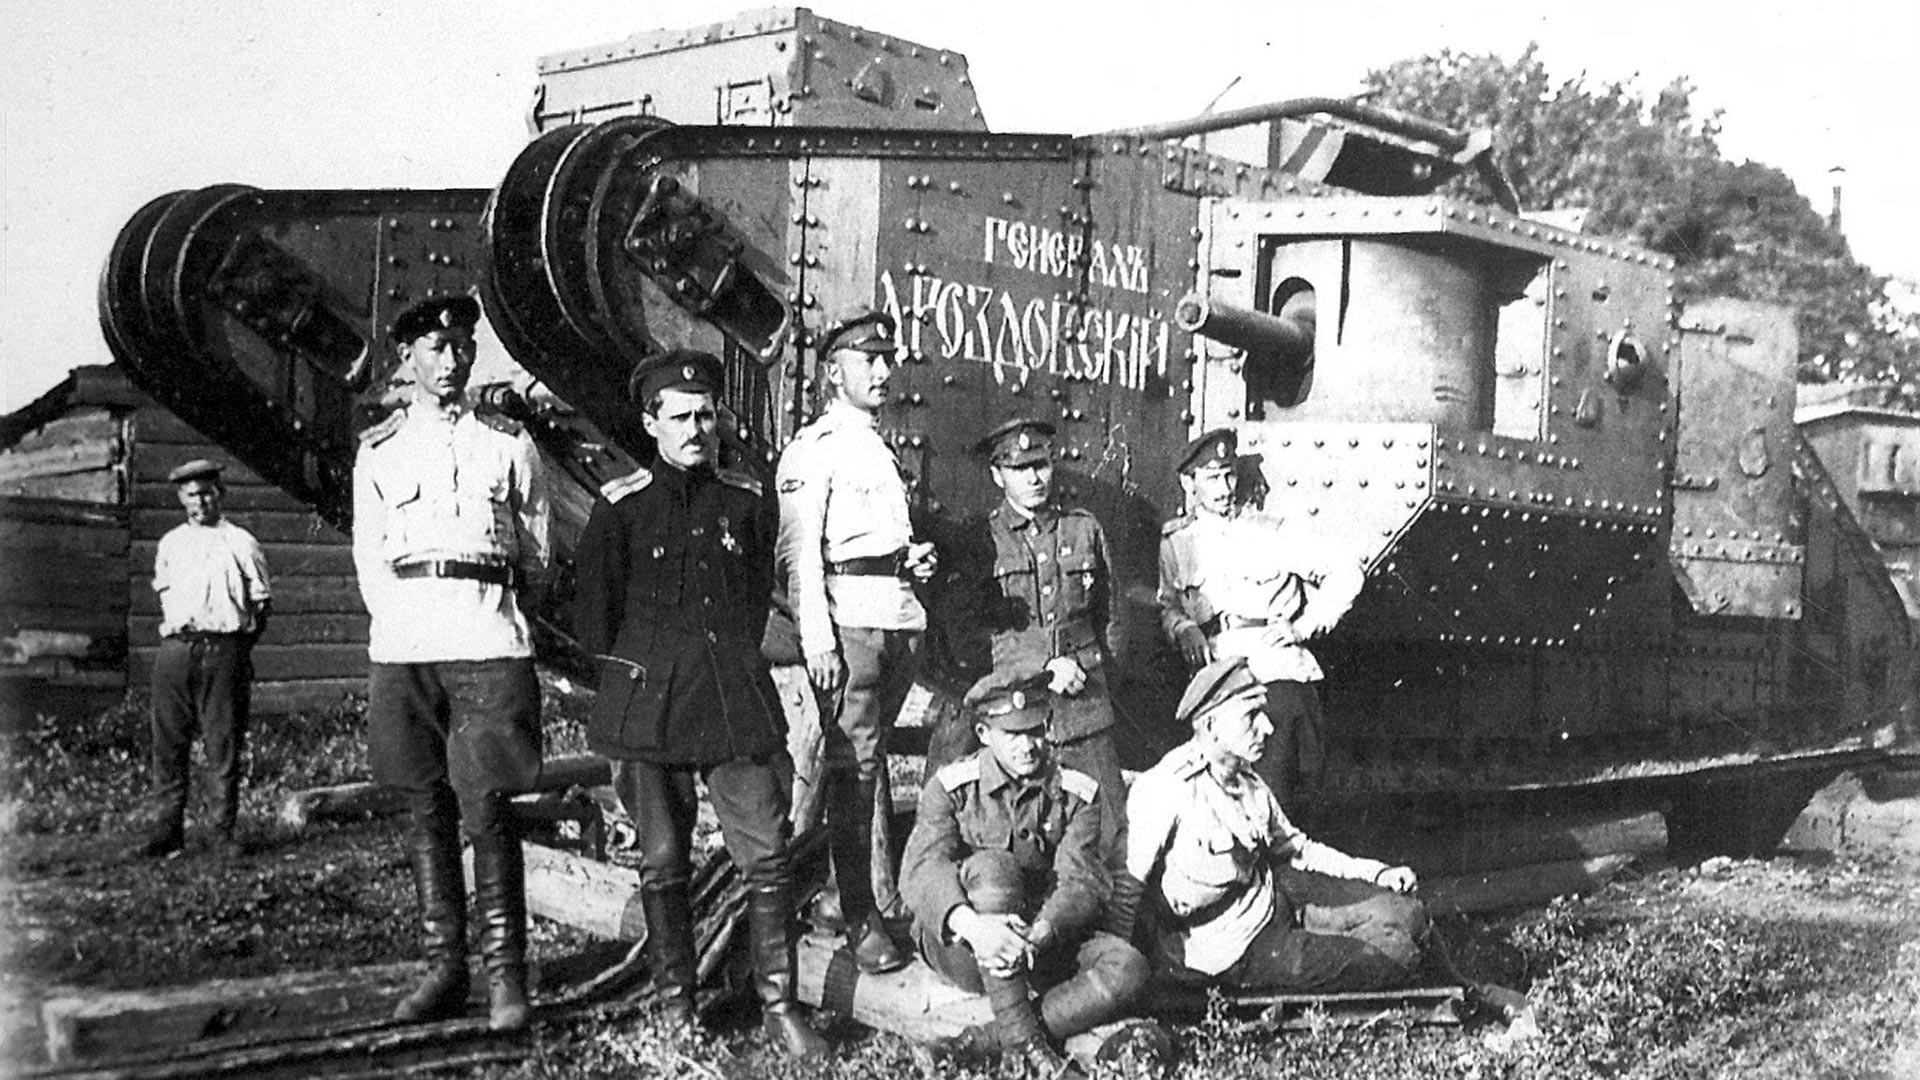 Экипаж танка «Генералъ Дроздовскій». Сентябрь 1919 г.